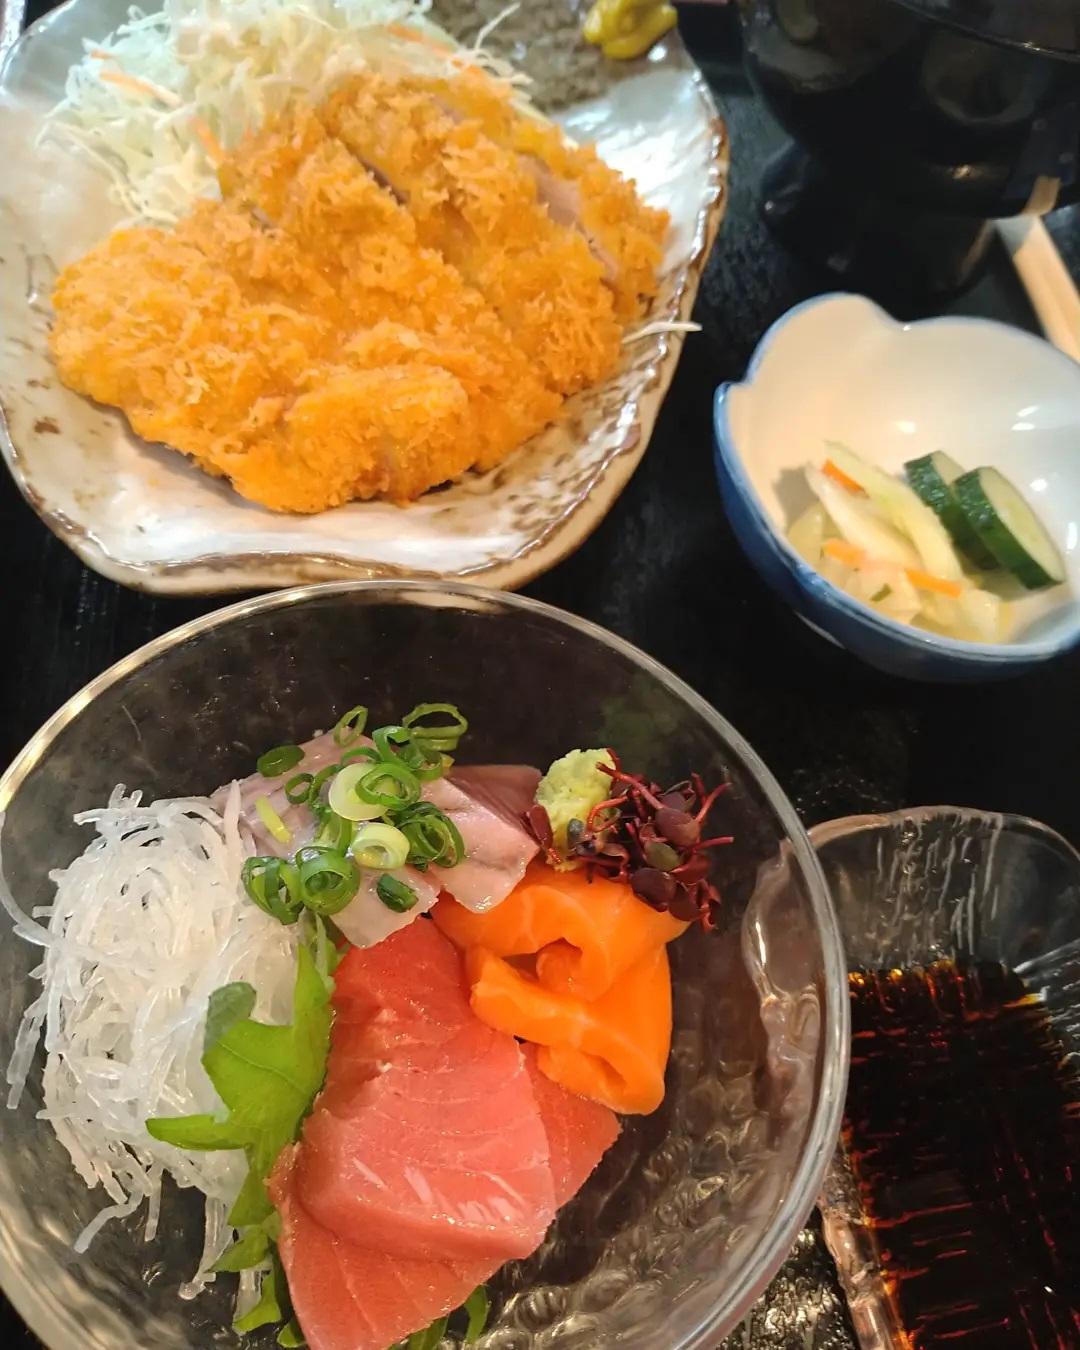 おはようございます!!  本日の日替わりランチは刺身とヒレカツ定食になります  本日もご来店を心よりお待ちしております️️